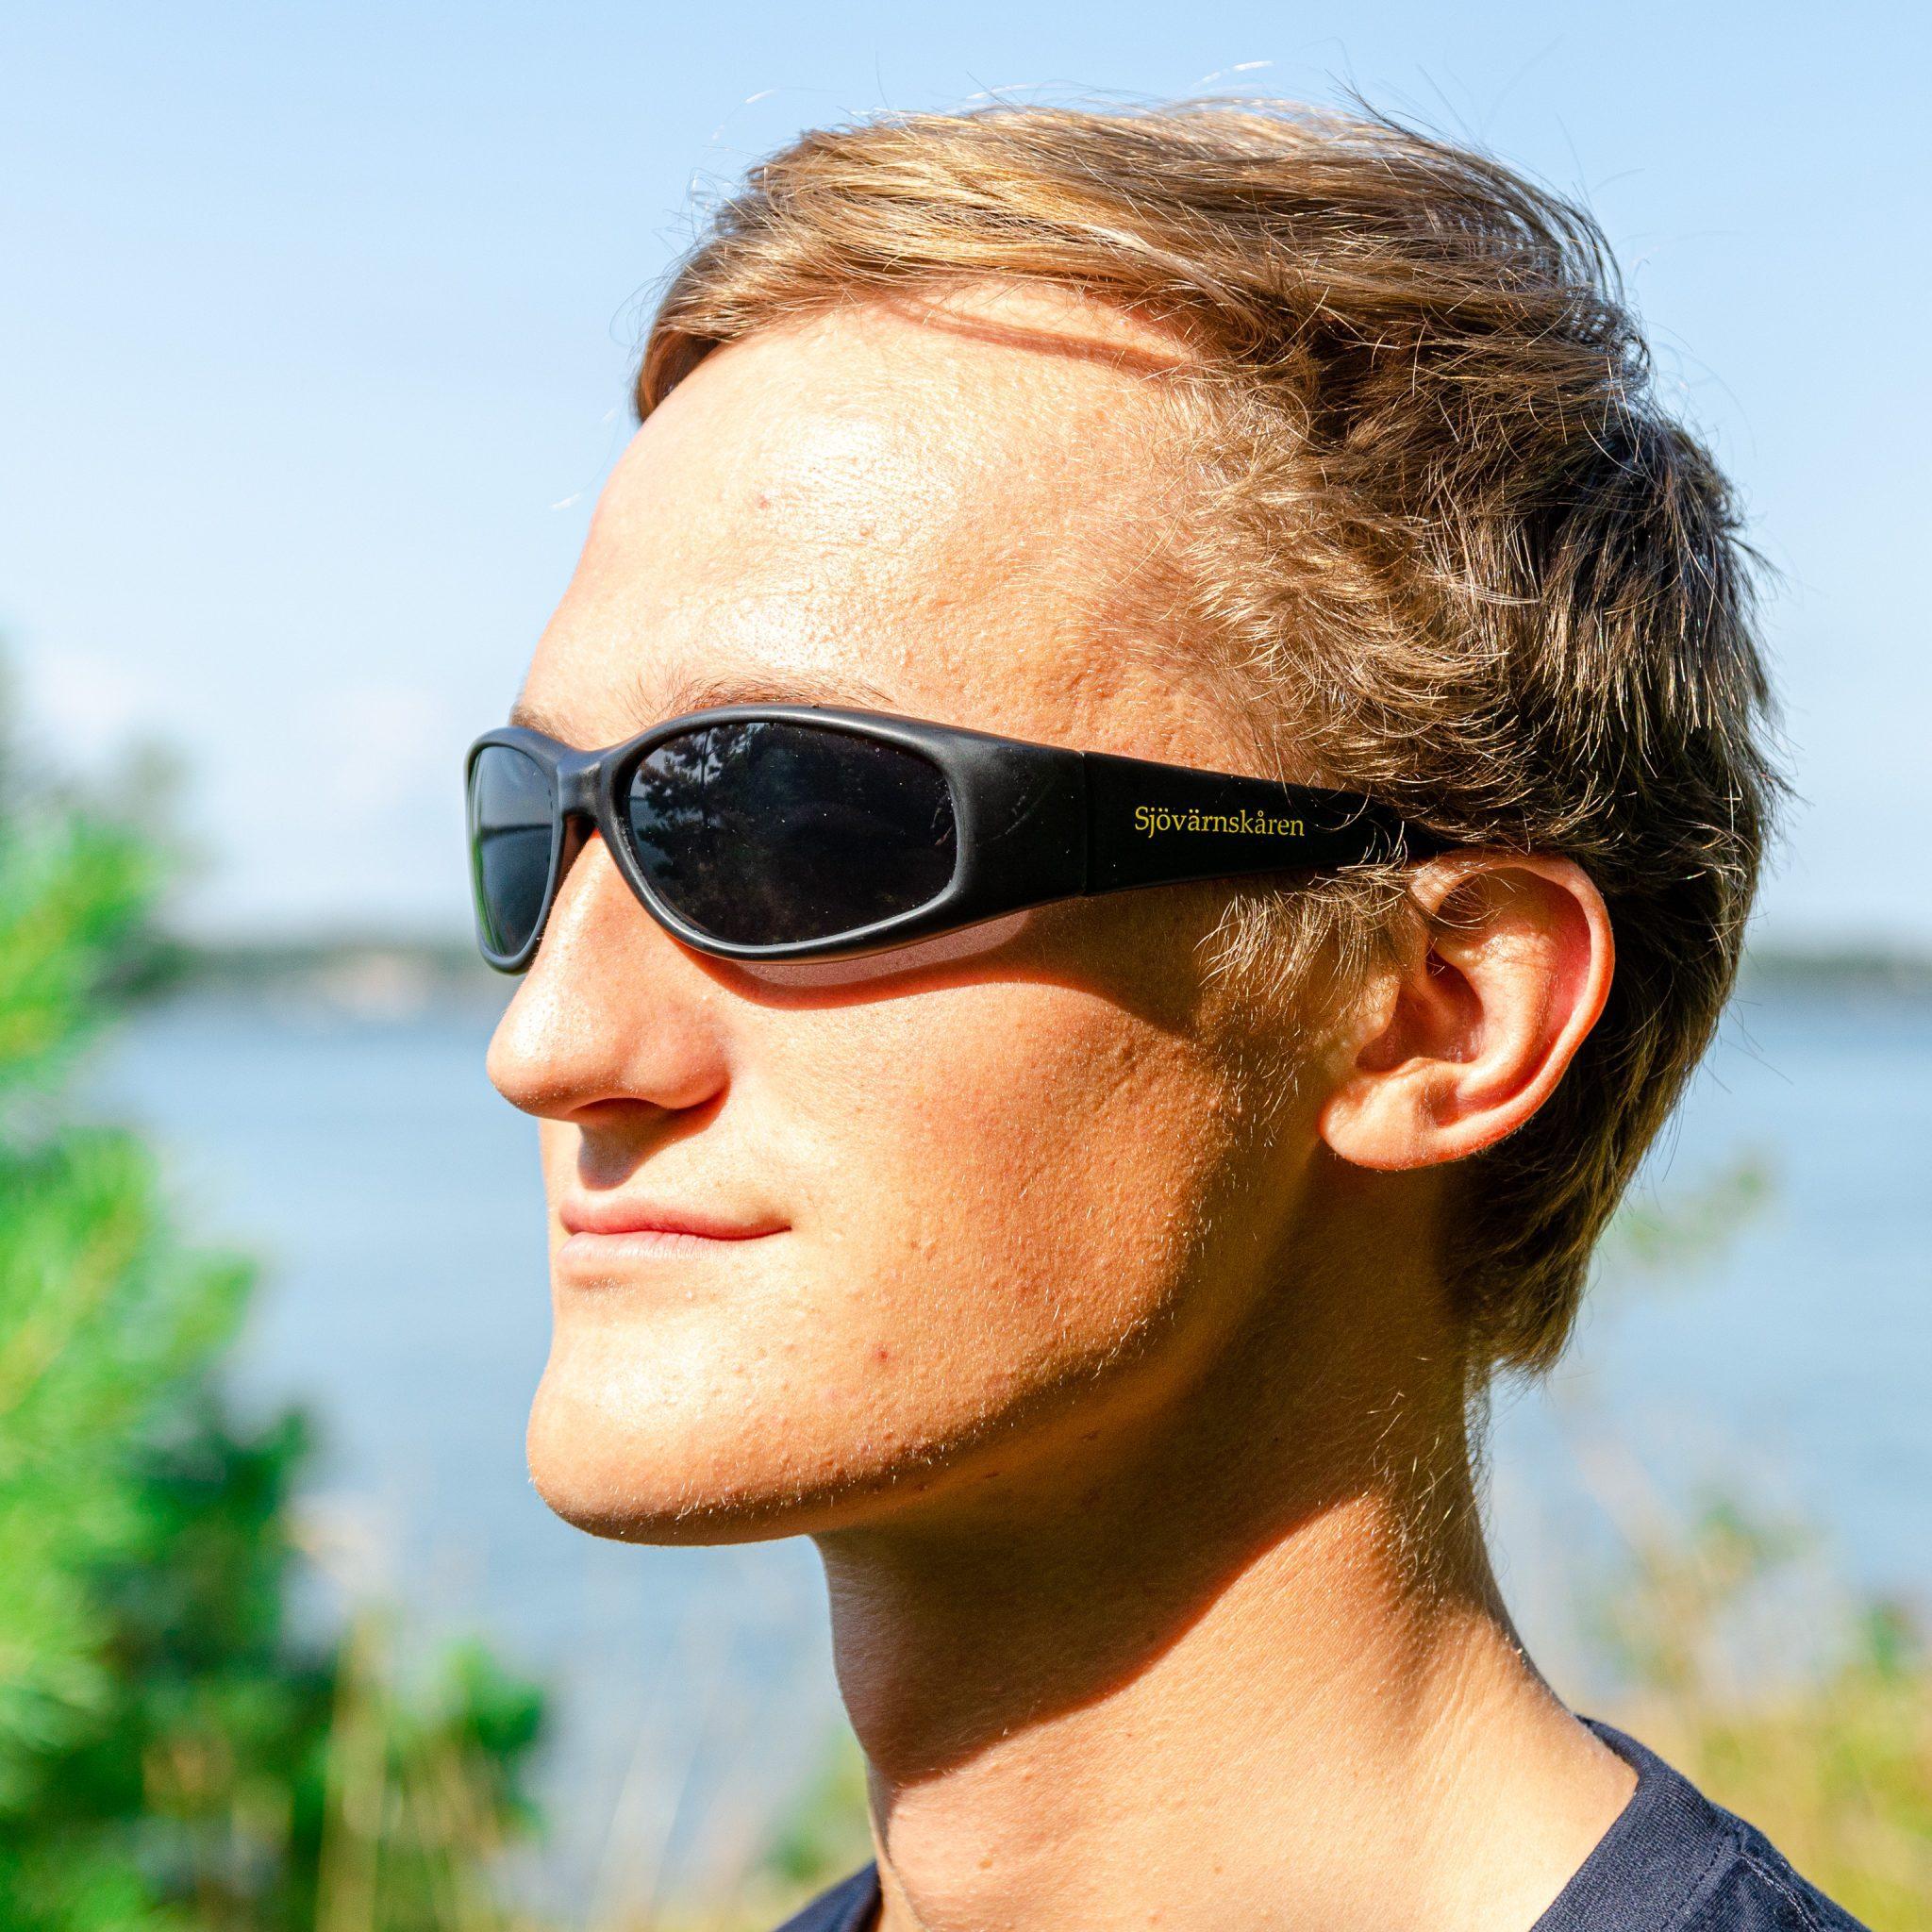 Svarta solglasögon med texten SJÖVÄRNSKÅREN tryckt på sidan.